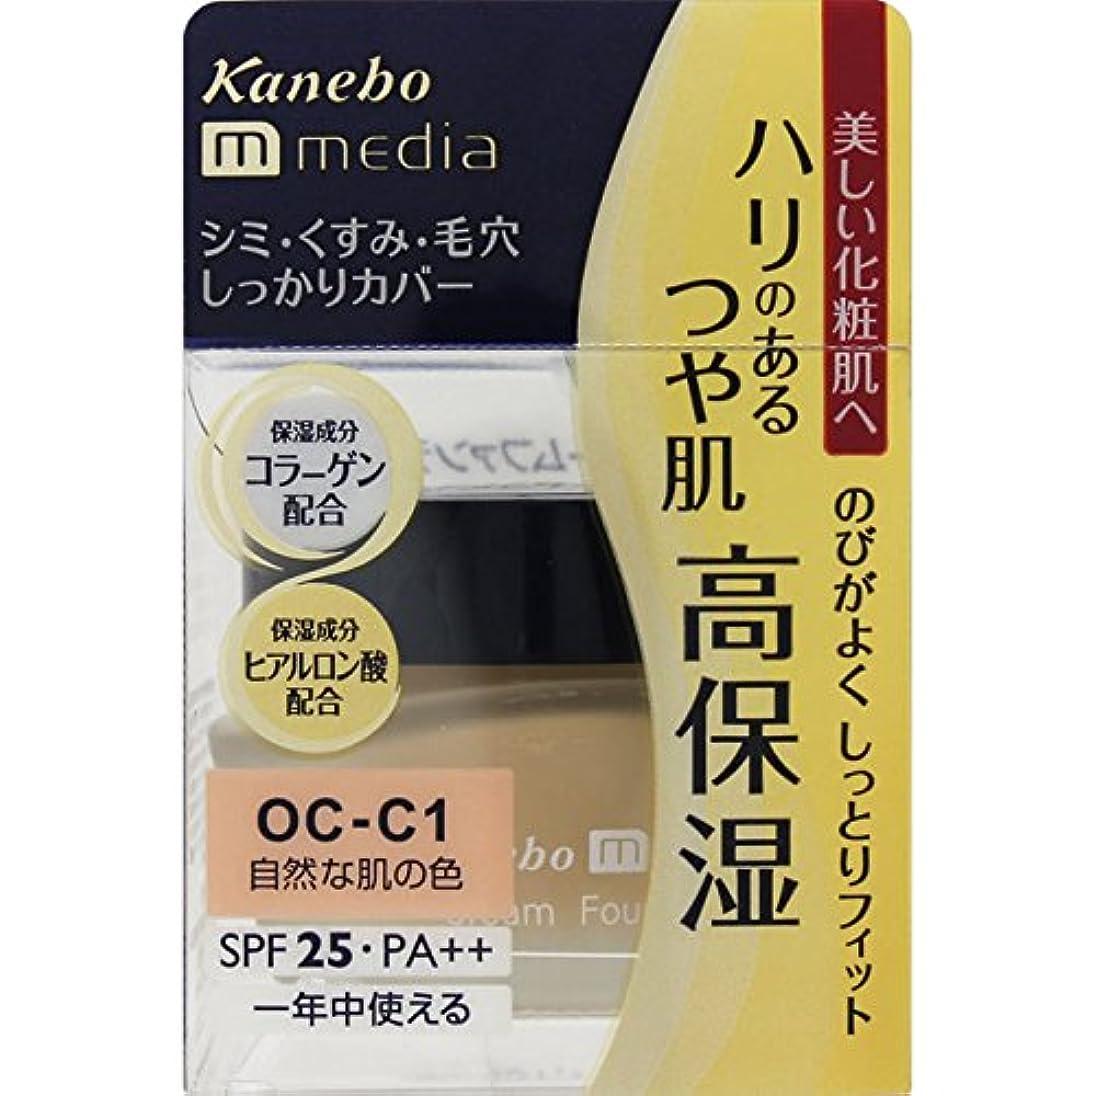 ウッズインデックスそうカネボウ media(メディア) クリームファンデーション OC-C1(自然な肌の色)